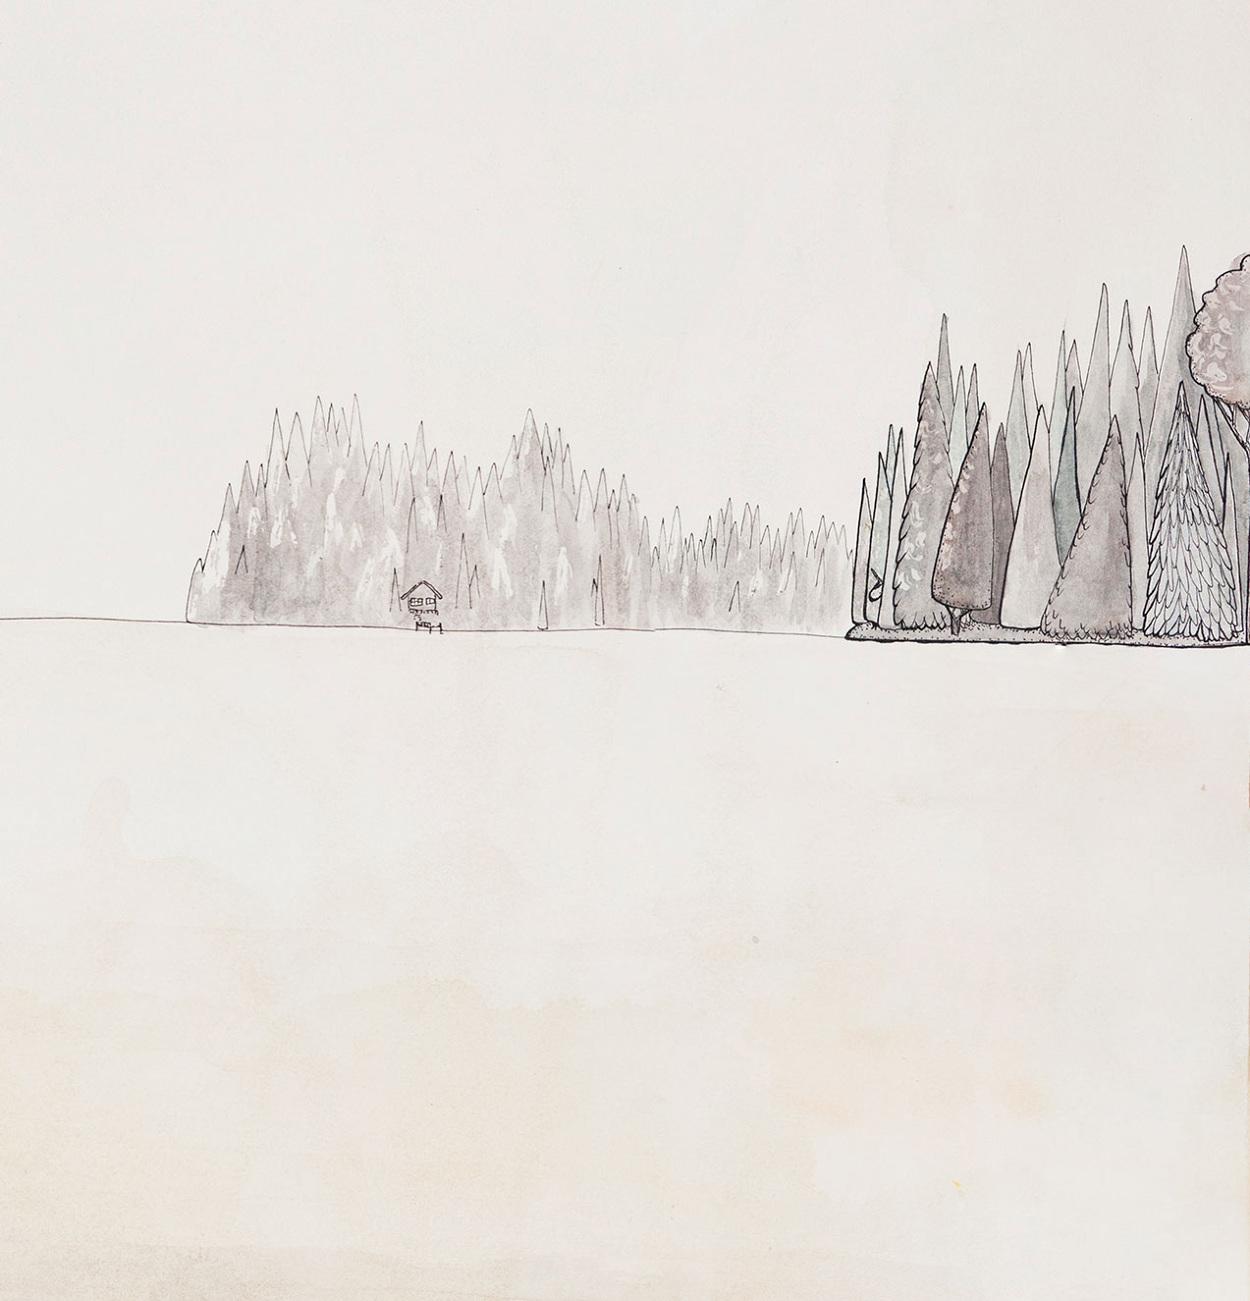 Floating on Lake Something 20 x 30